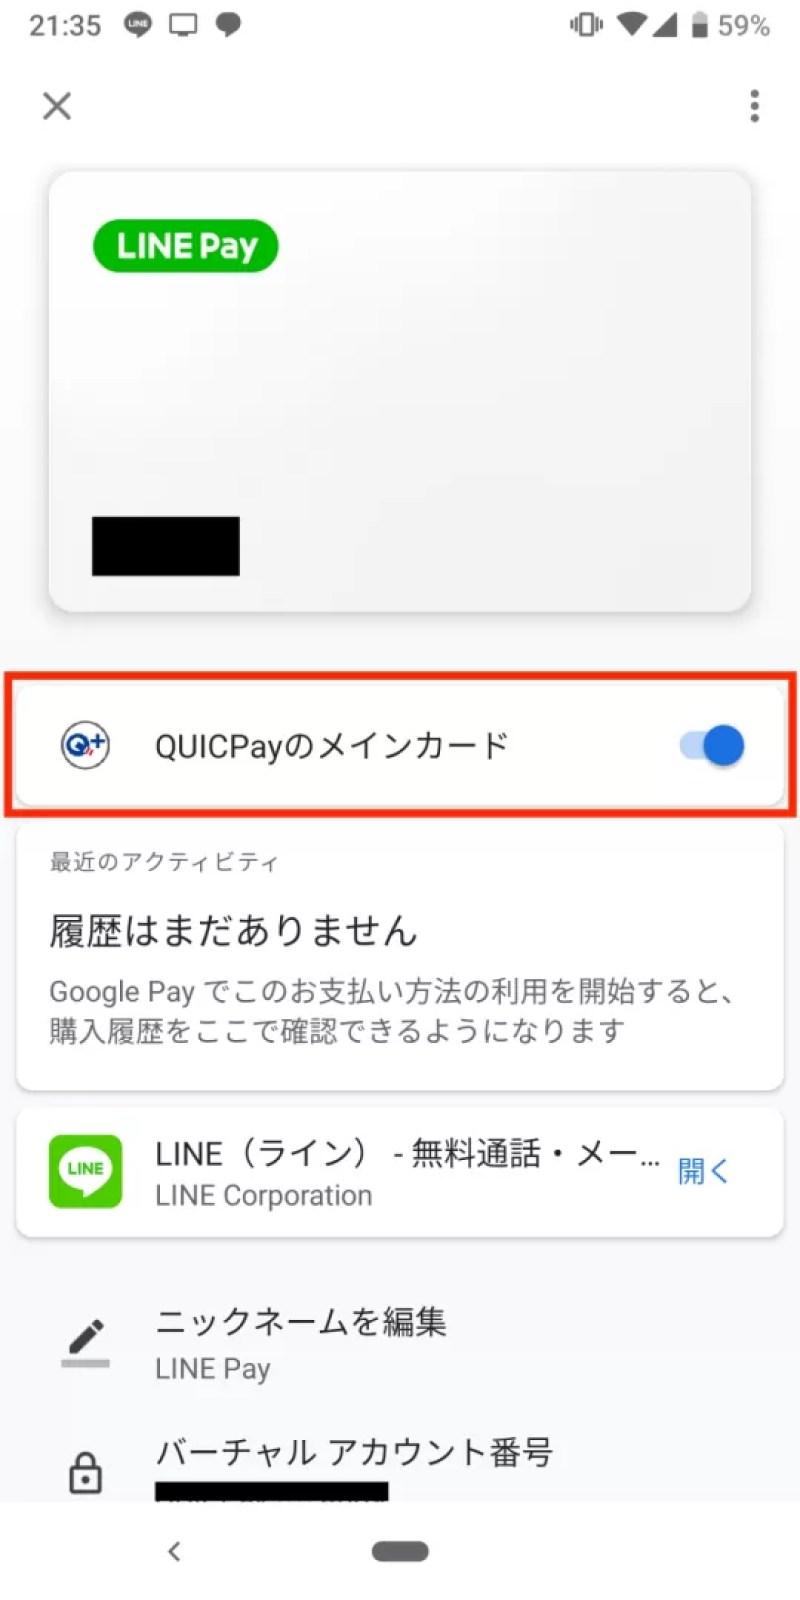 QUICPayのメインカードに設定